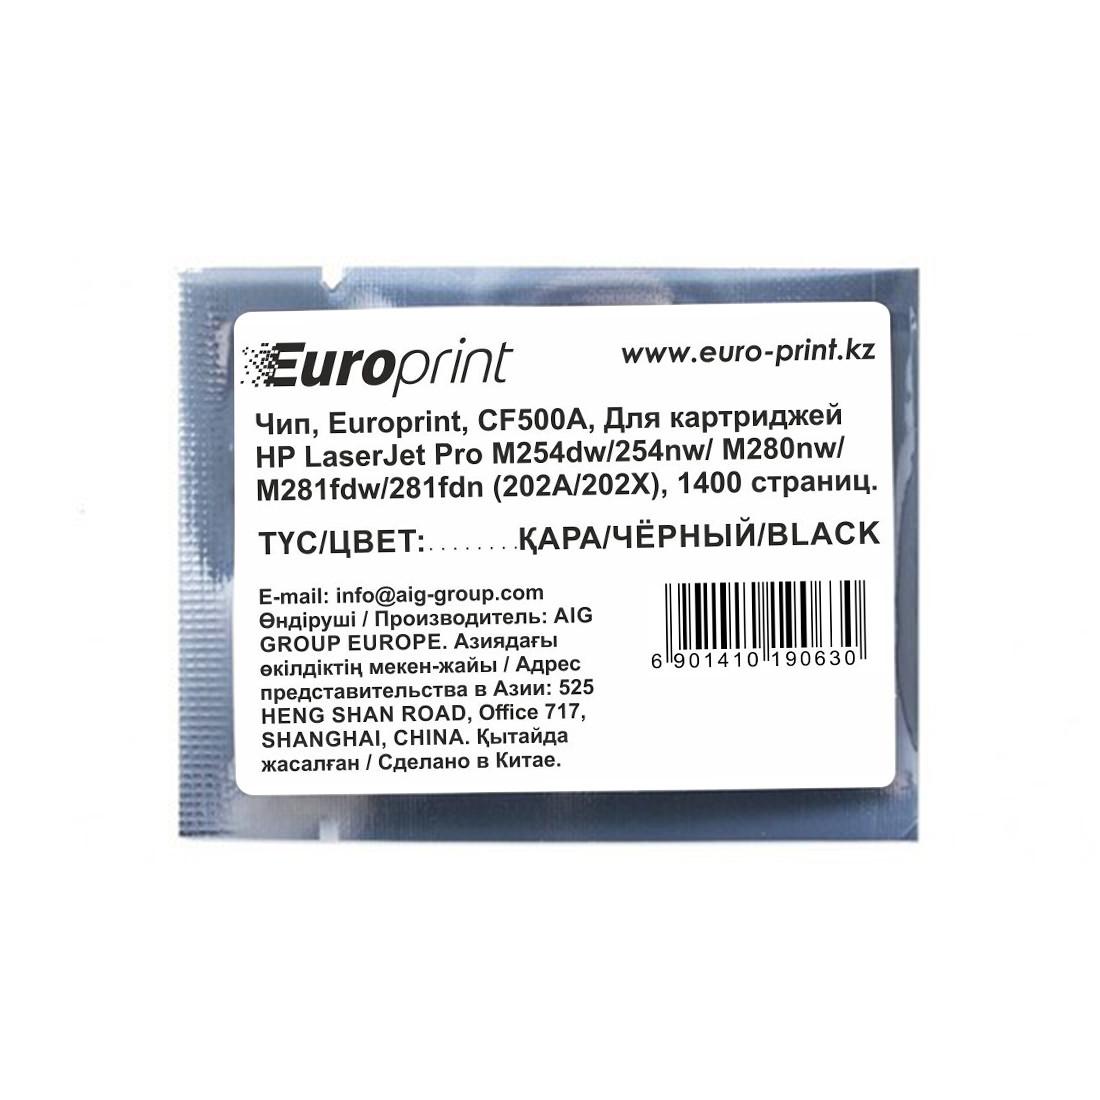 Чип Europrint HP CF500A